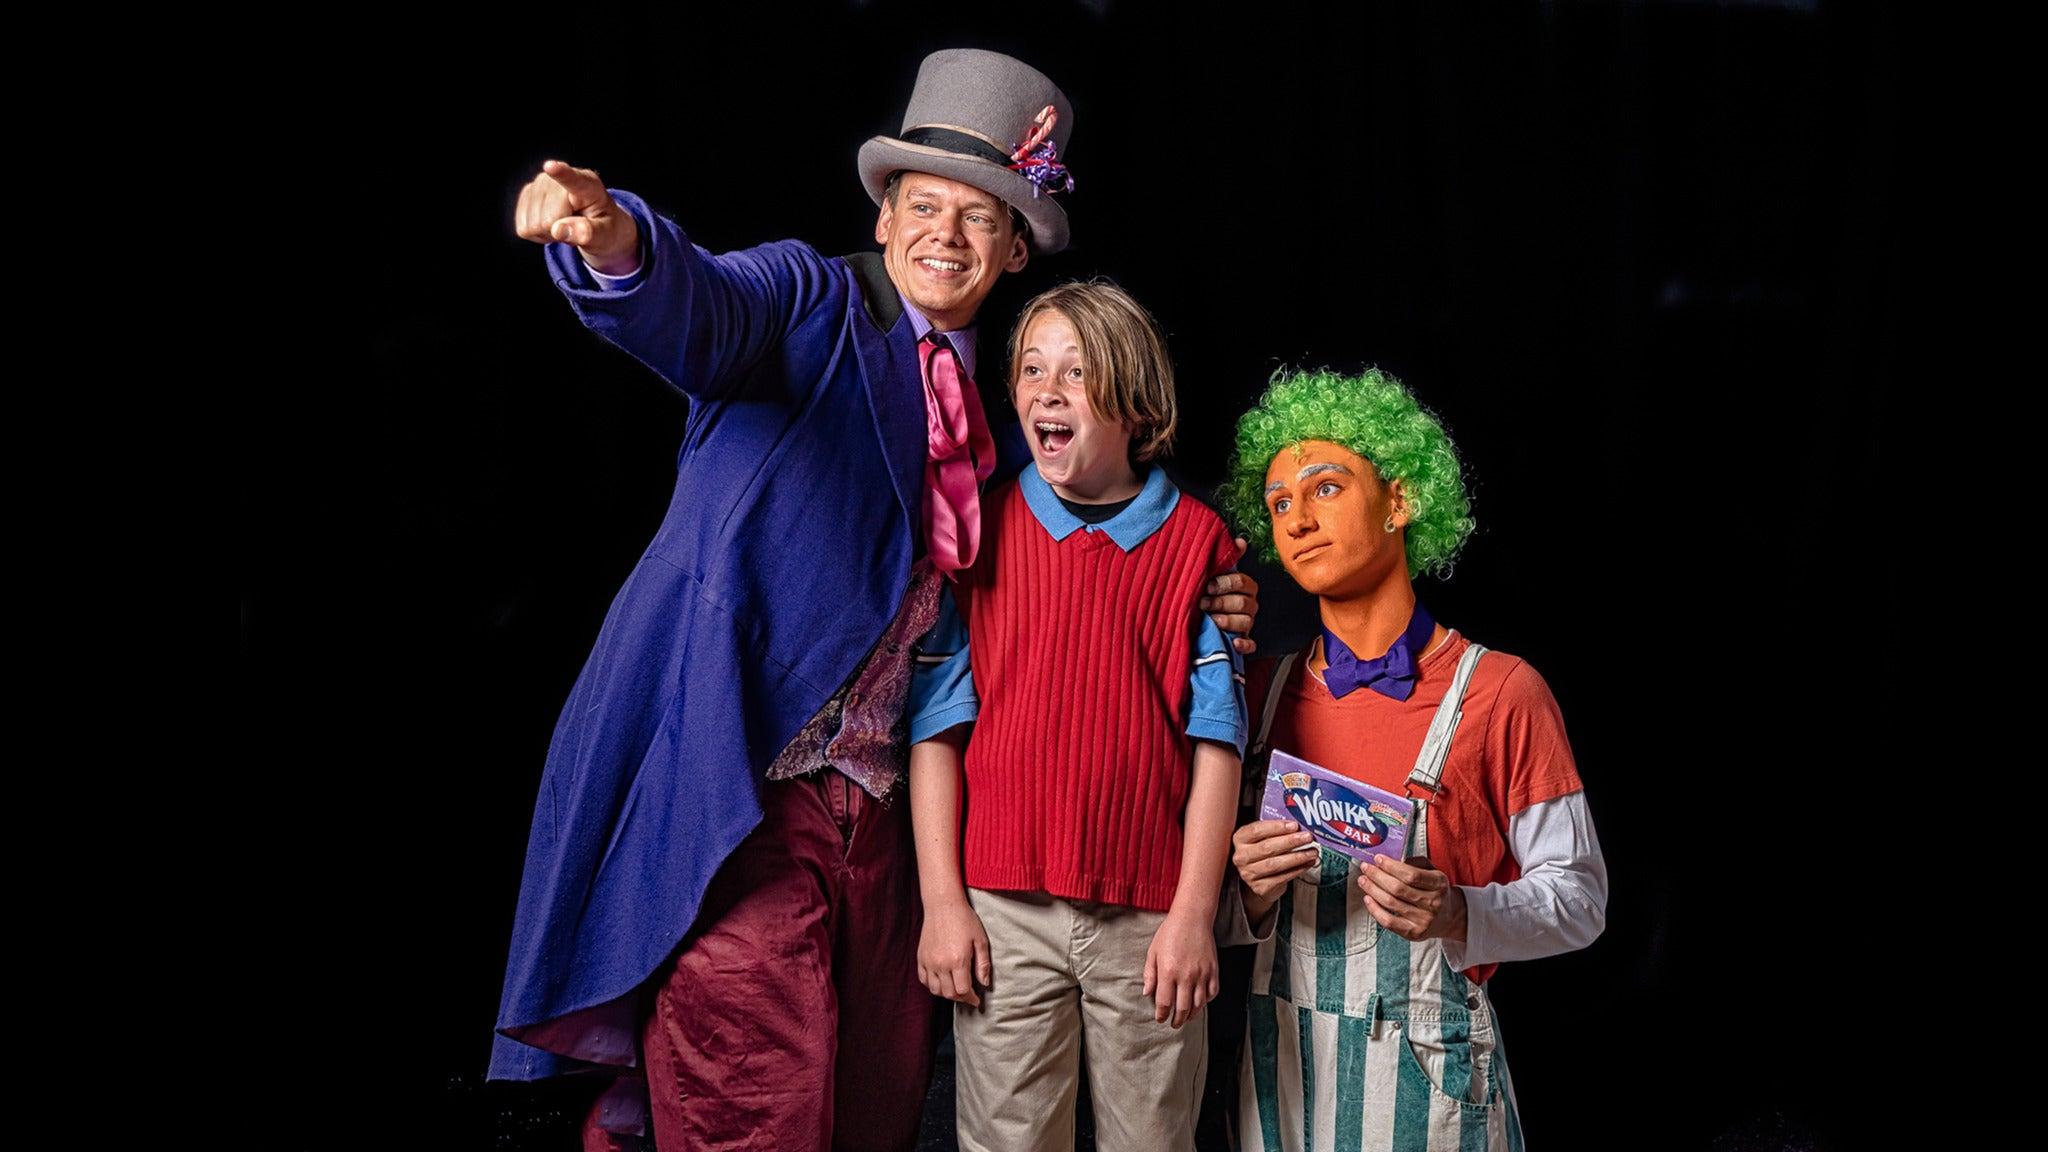 Willy Wonka - Santa Rosa, CA 95403